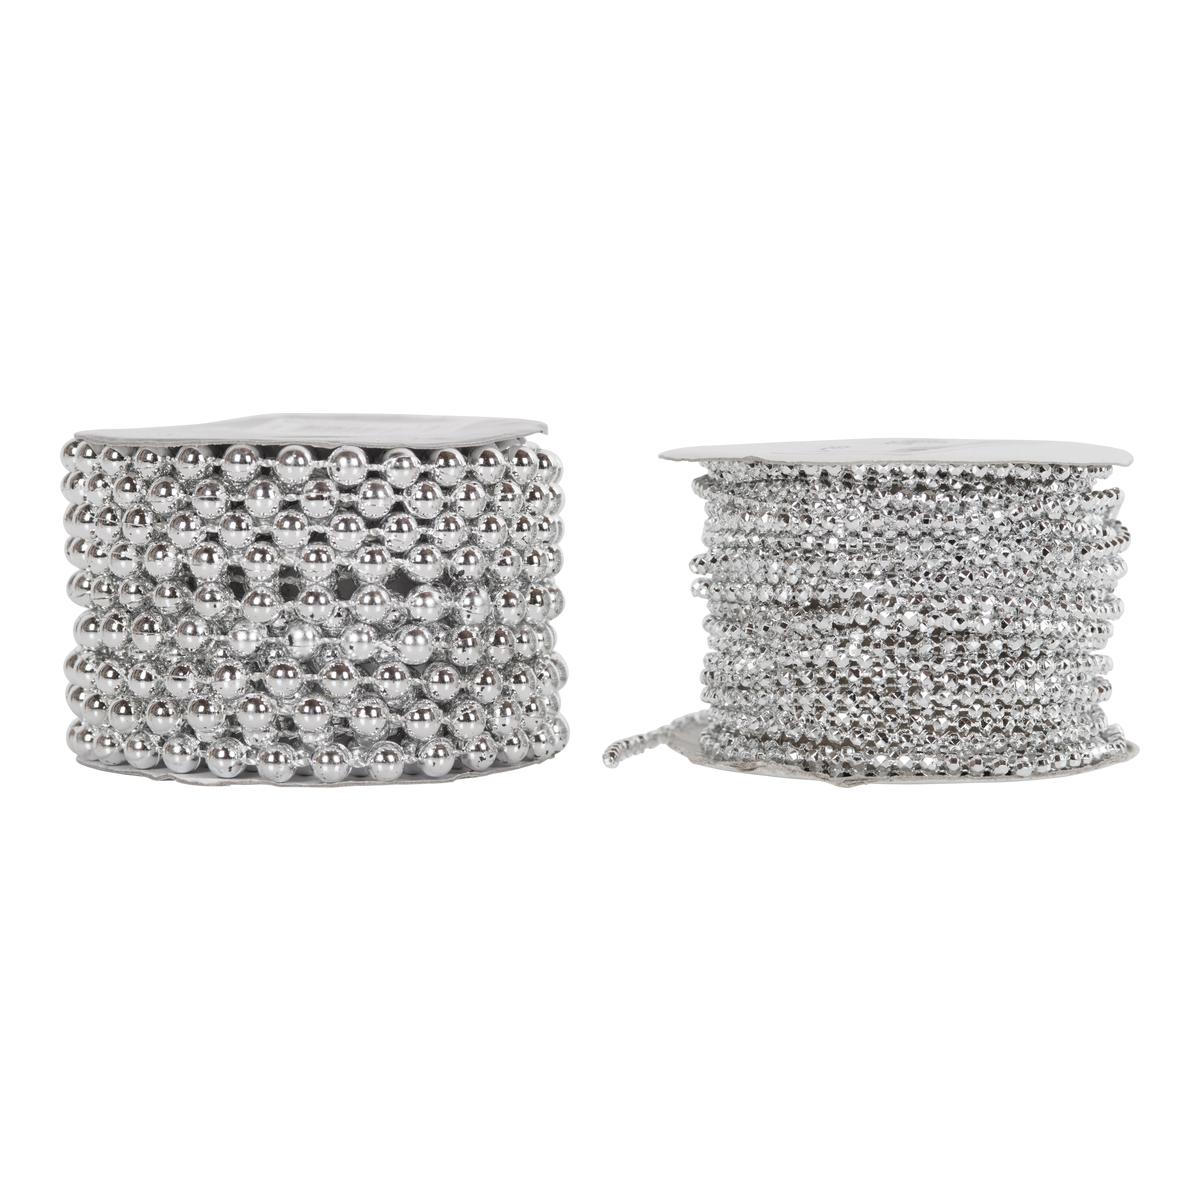 Dekorbånd sølvperler-JUL1257